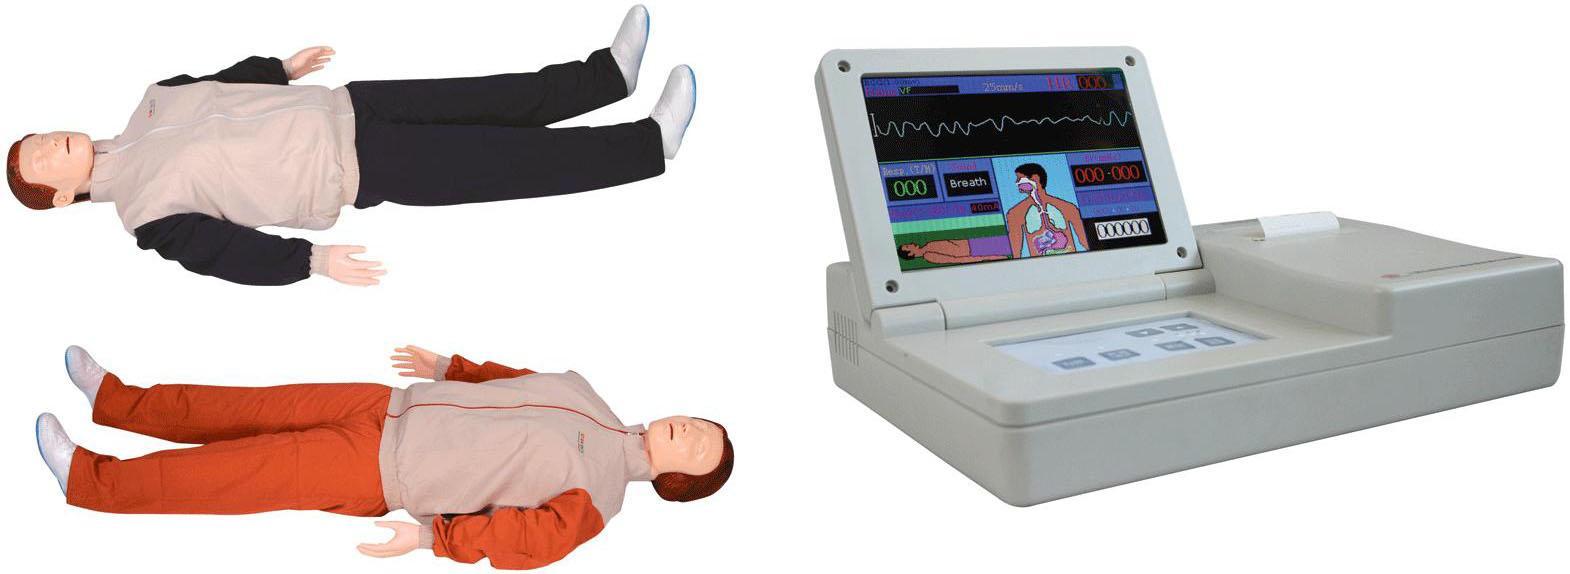 高级自动电脑心肺复苏模拟人(大屏幕液晶彩显、IC卡管理软件)该产品在GD/CPR10400的基础上,功能全面升级,大屏彩晶显示,更加生动形象,结合2010国际心肺复苏标准,强化胸外按压的重要性,使用新一代材料,更加符合现实临床CPR操作要求。